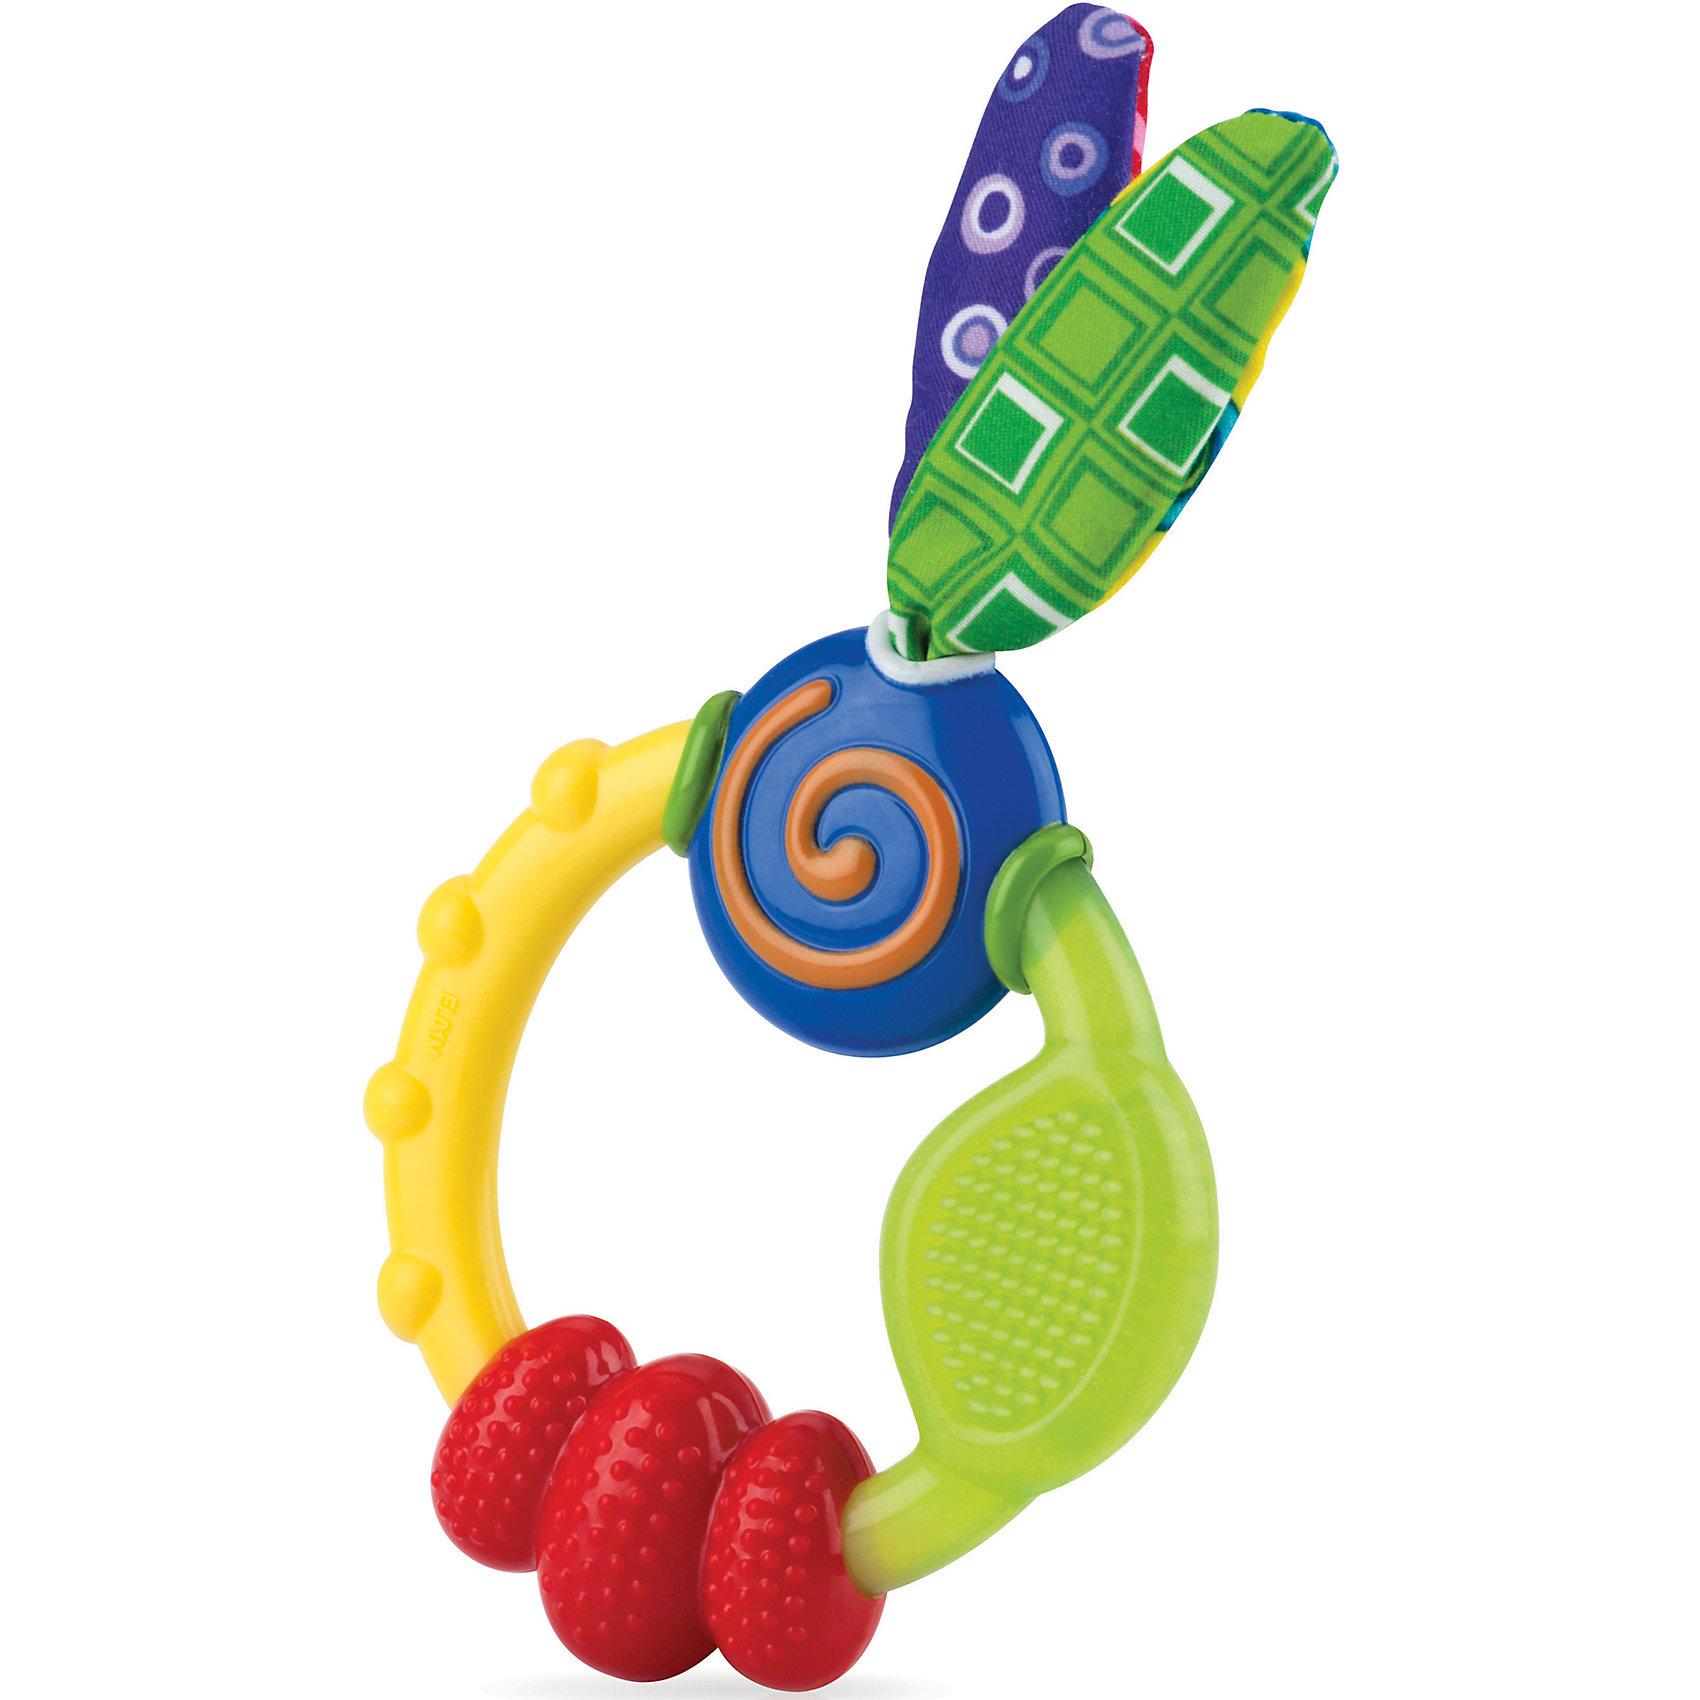 Игрушка-прорезыватель, NubyПрорезыватели для зубов<br>Яркая игрушка-прорезыватель, Nuby создана для самых маленьких и способствует развитию зрительного восприятия, кусательных и хватательных рефлексов, а также мелкой моторики рук.<br>Во время болезненного прорезывания зубов игрушка-прорезыватель, Nuby стимулирует и массирует десны и поможет успокоить малыша.<br><br>Дополнительная информация:<br><br>Материал: полипропилен<br>Не содержит Бисфенол А<br><br>Игрушку-прорезыватель, Nuby (Нуби) можно купить в нашем магазине.<br><br>Ширина мм: 154<br>Глубина мм: 114<br>Высота мм: 22<br>Вес г: 48<br>Цвет: mehrfarbig<br>Возраст от месяцев: 3<br>Возраст до месяцев: 18<br>Пол: Унисекс<br>Возраст: Детский<br>SKU: 3746304